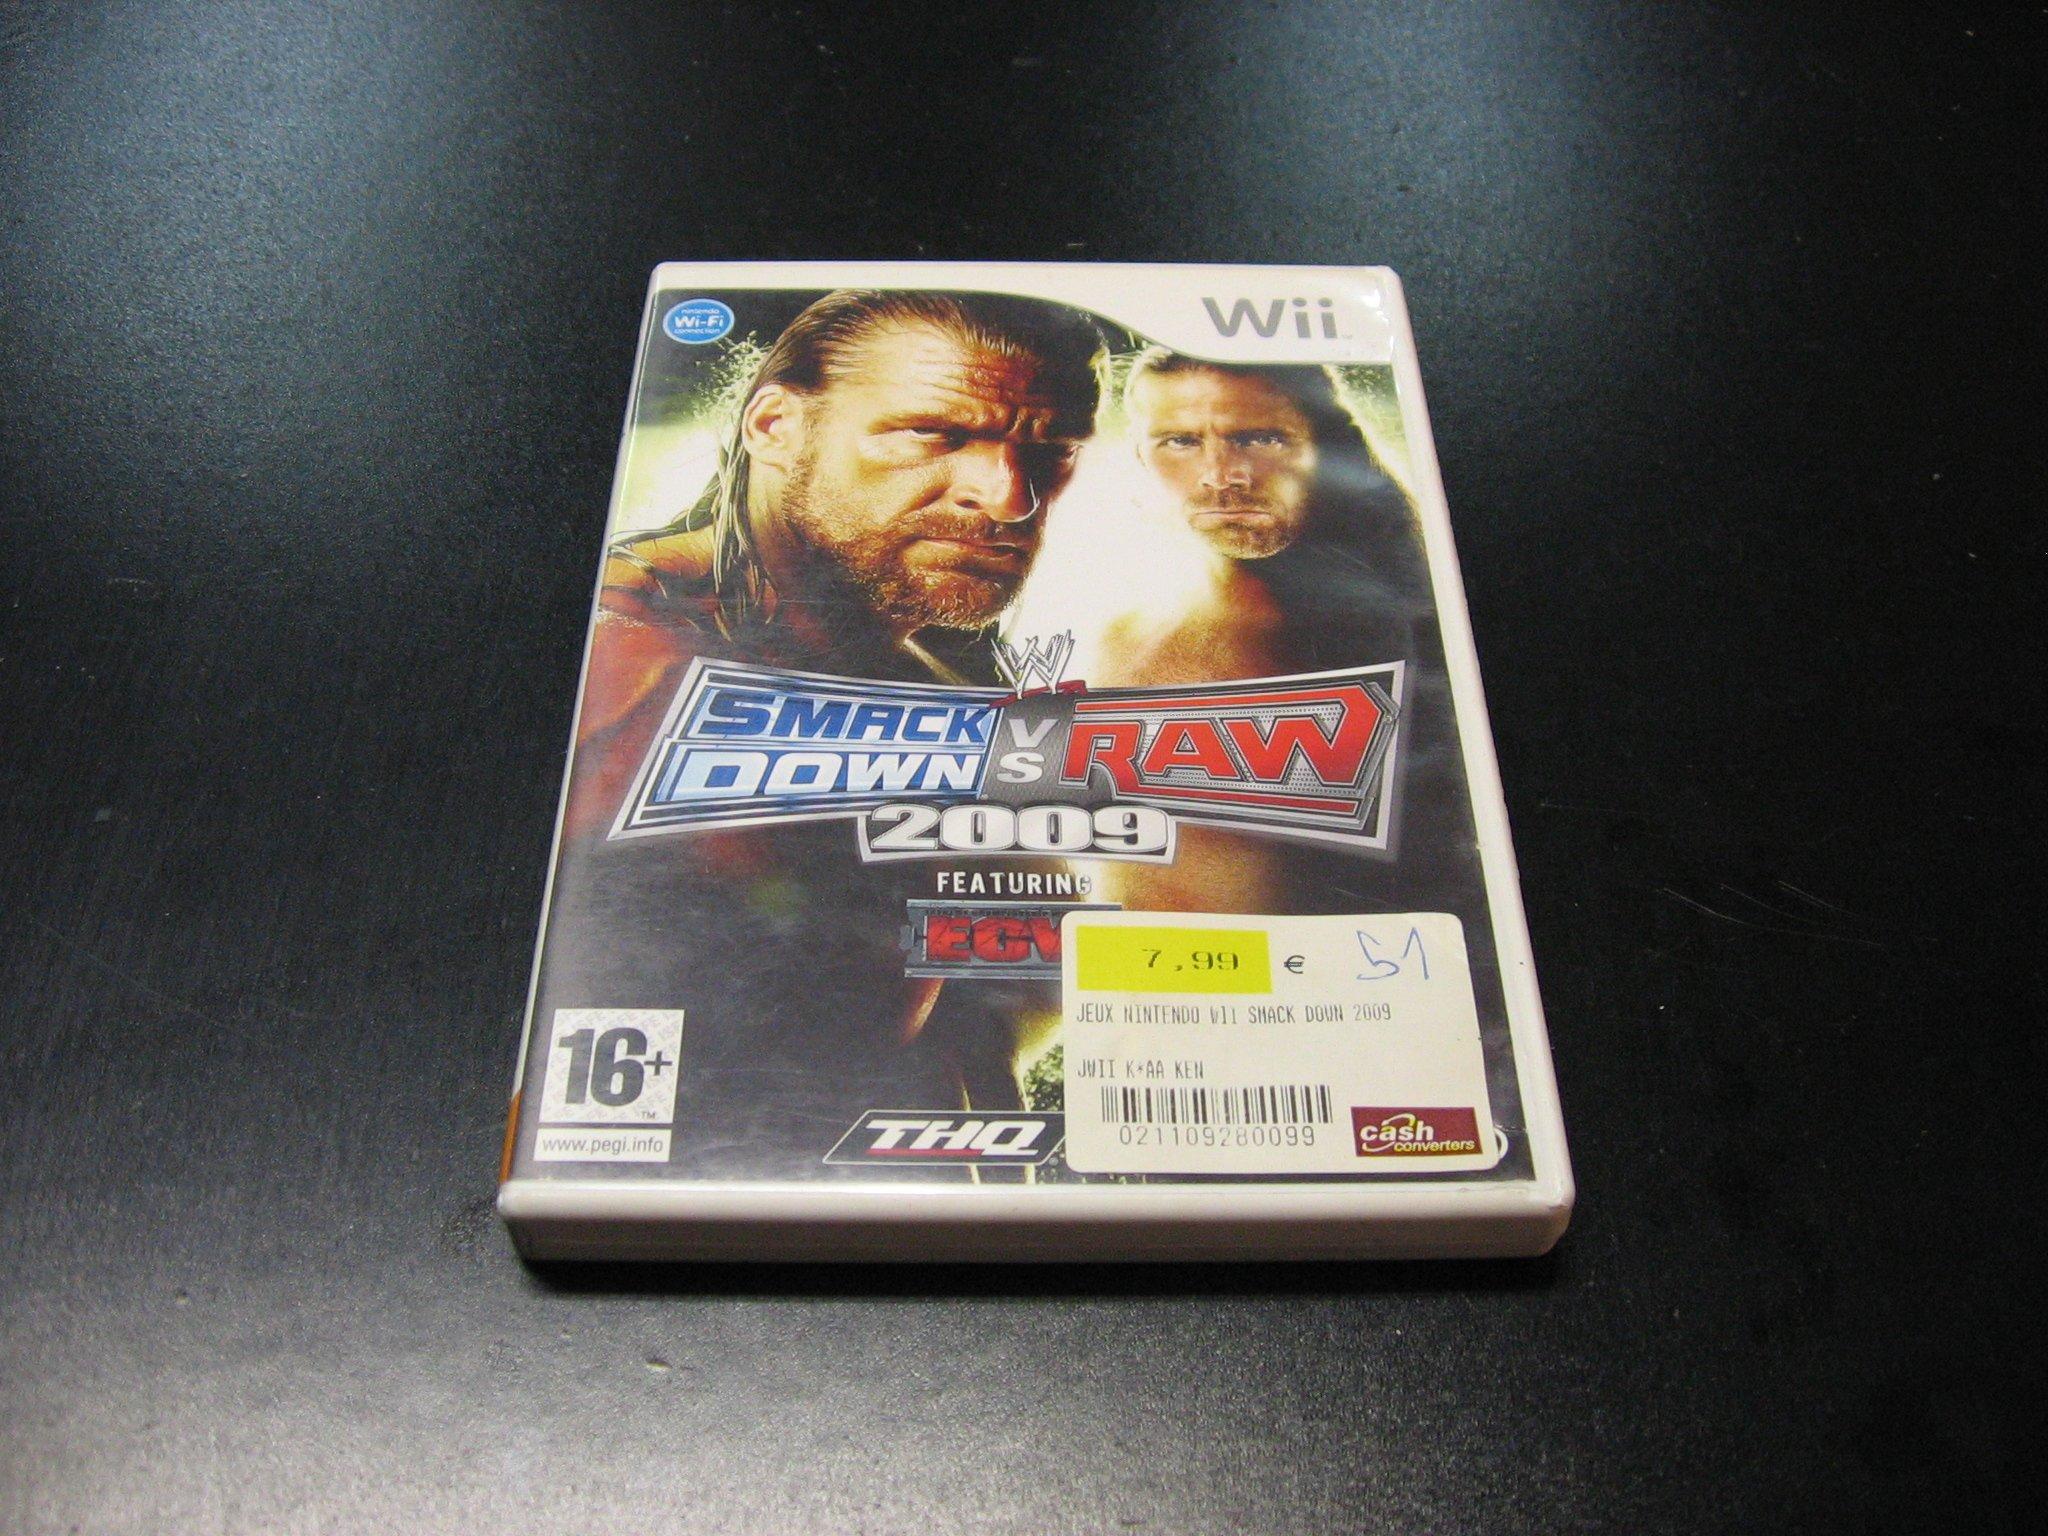 WWE SmackDown vs Raw 2009 - GRA Nintendo Wii Sklep